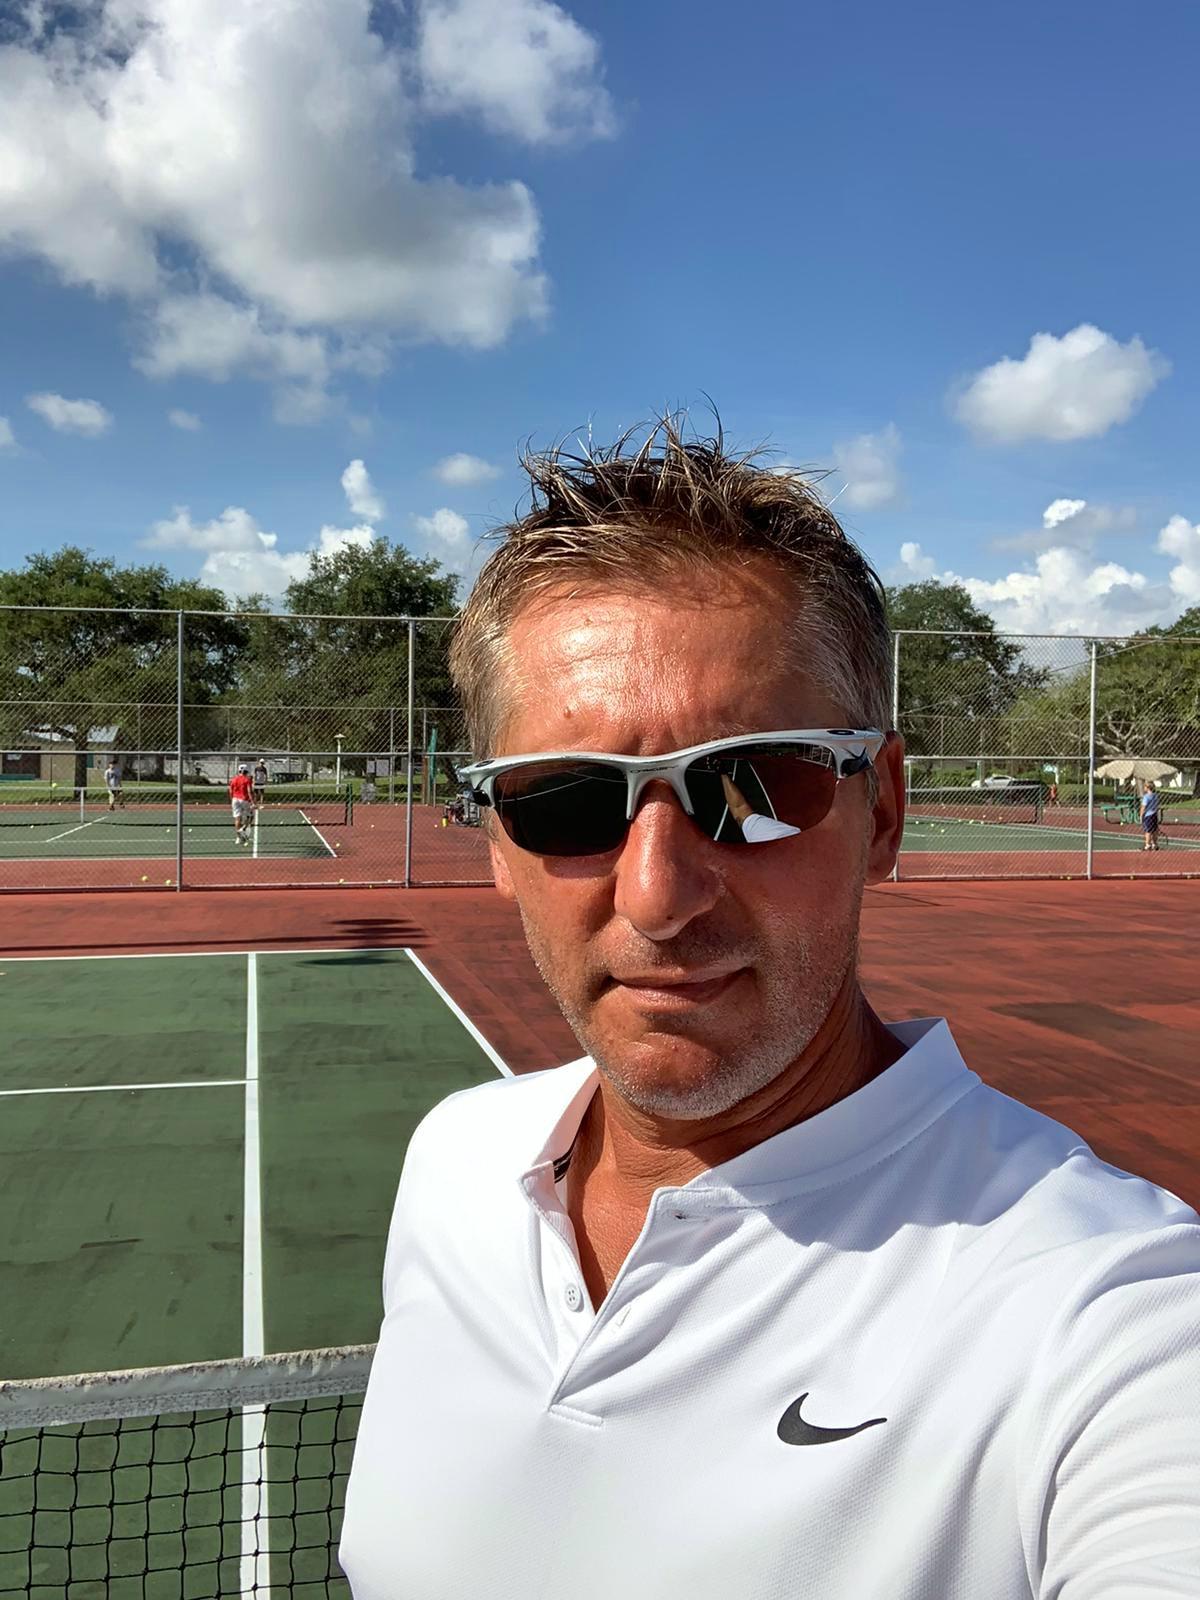 Boris B. teaches tennis lessons in Aventura, FL